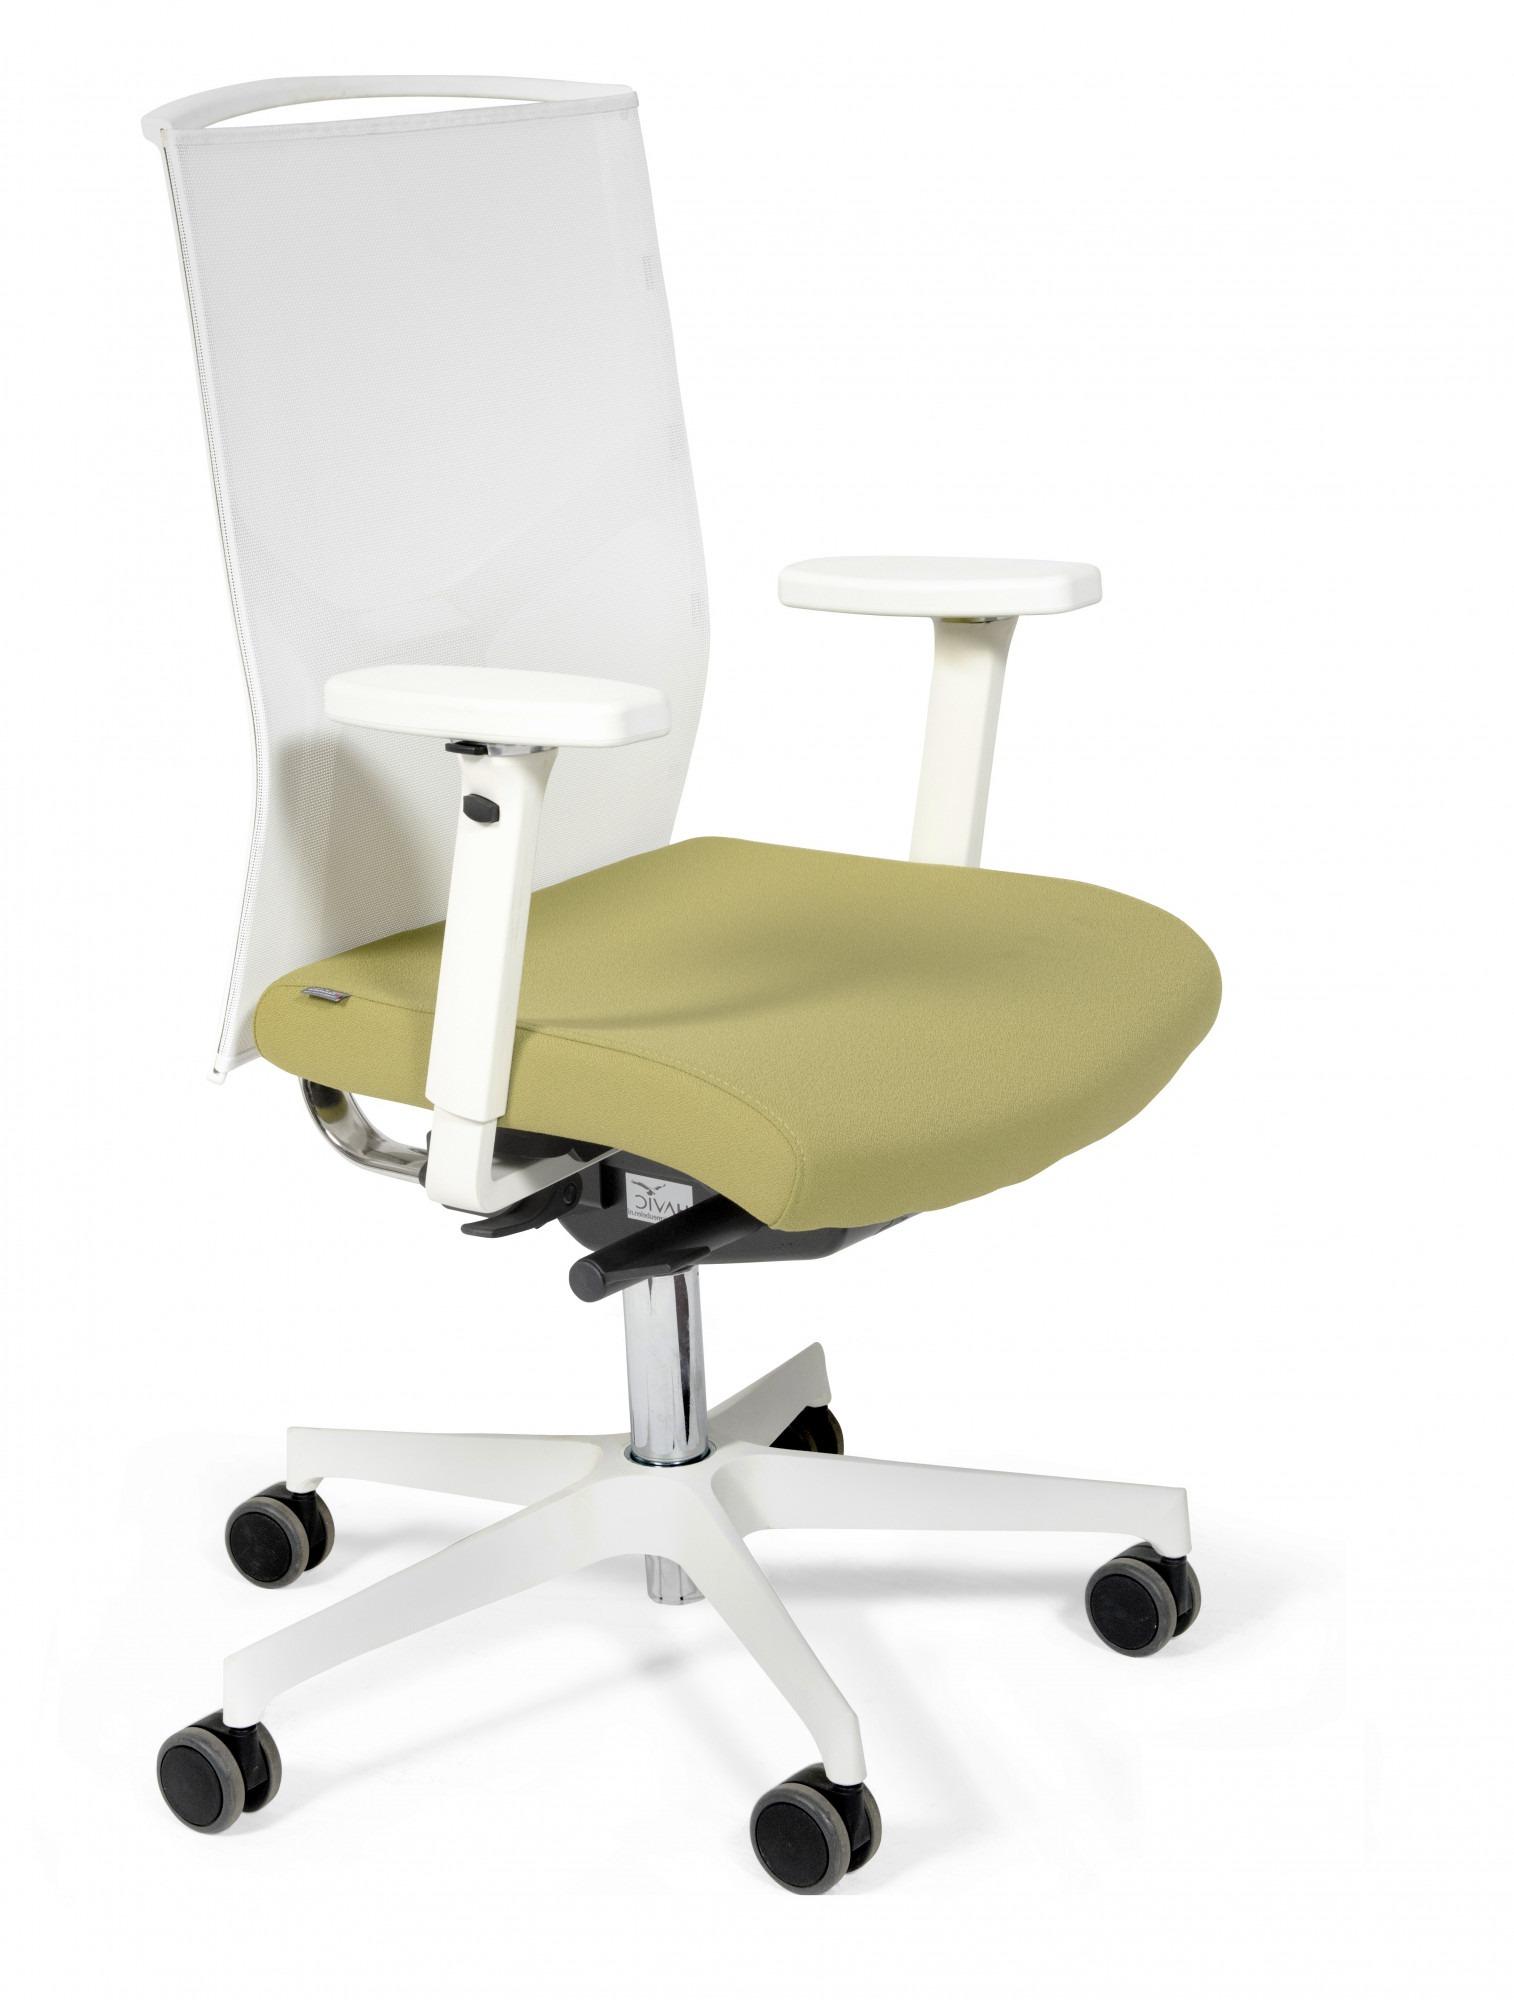 Bureaustoel De Wit.Ergonomische Bureaustoel Fin Wit Ergonomische Bureaustoelen